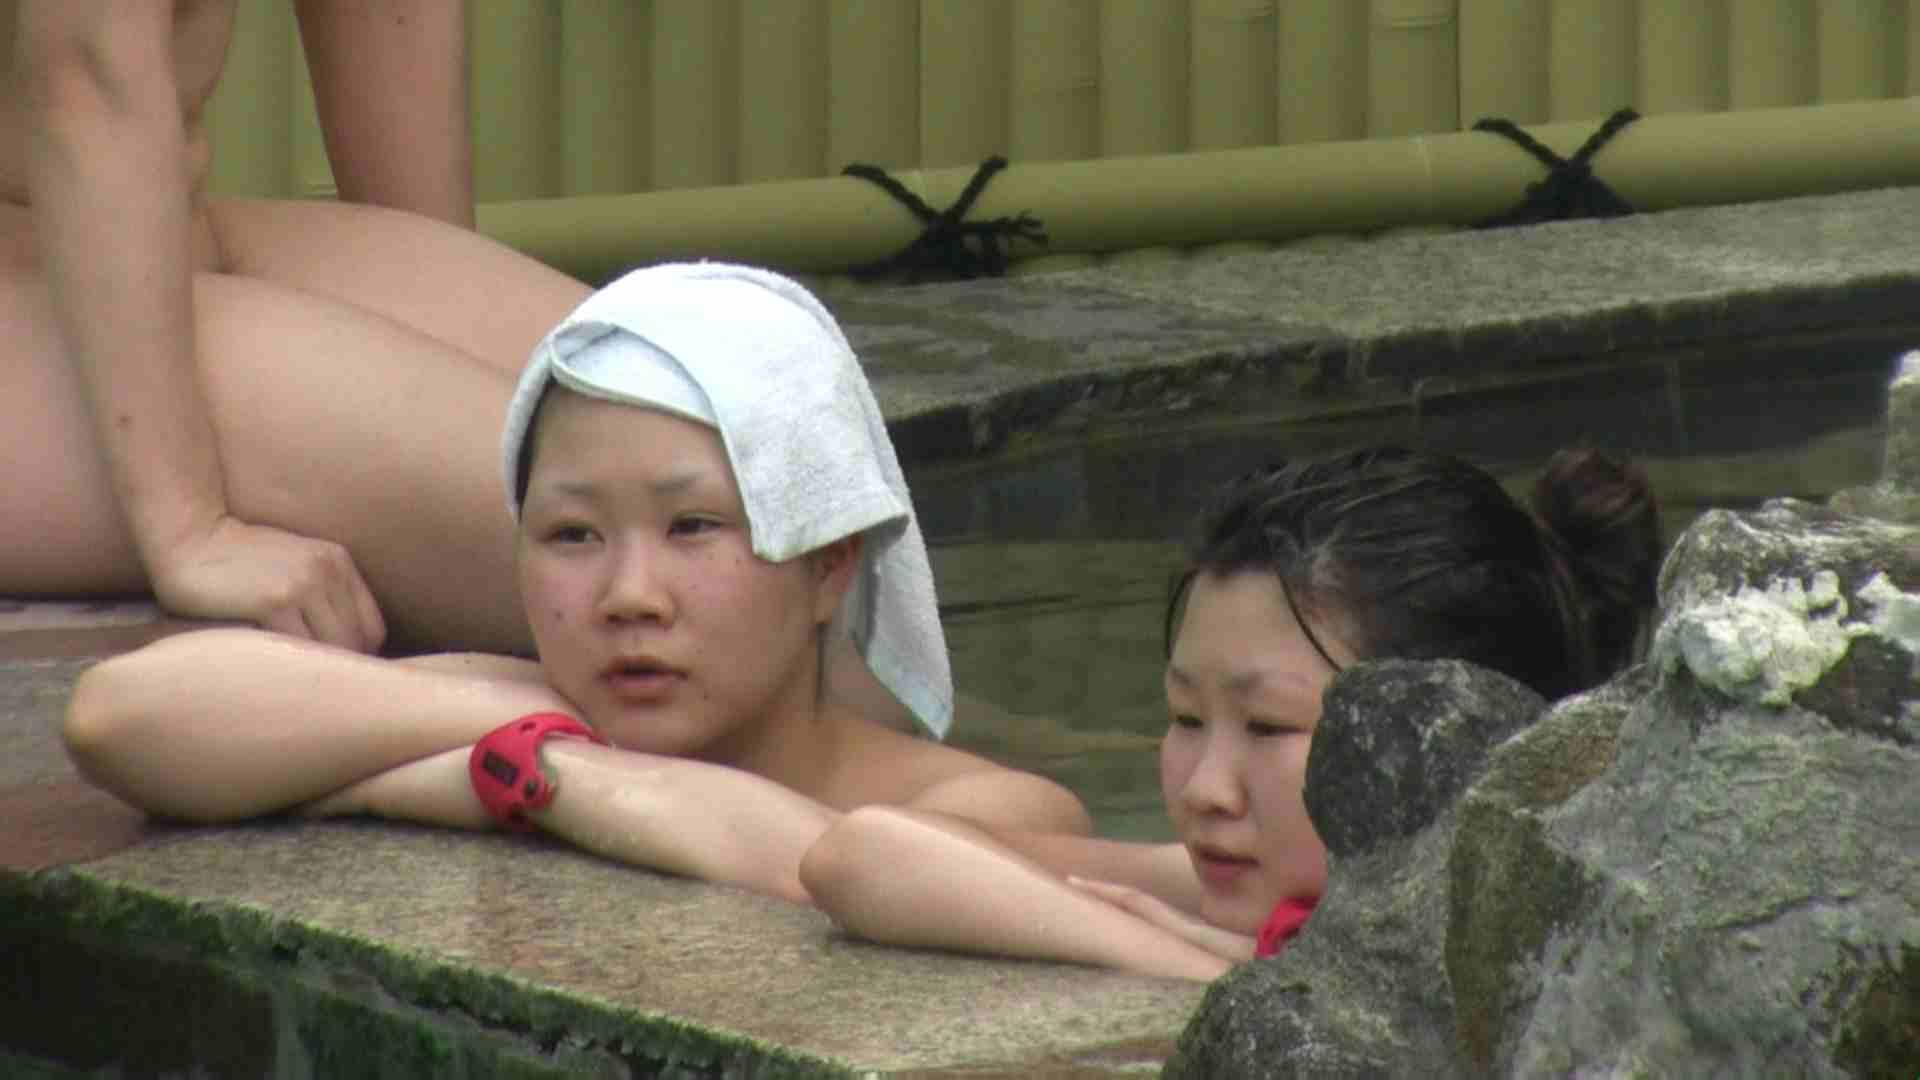 Aquaな露天風呂Vol.03【VIP】 OLセックス | 盗撮  94画像 28